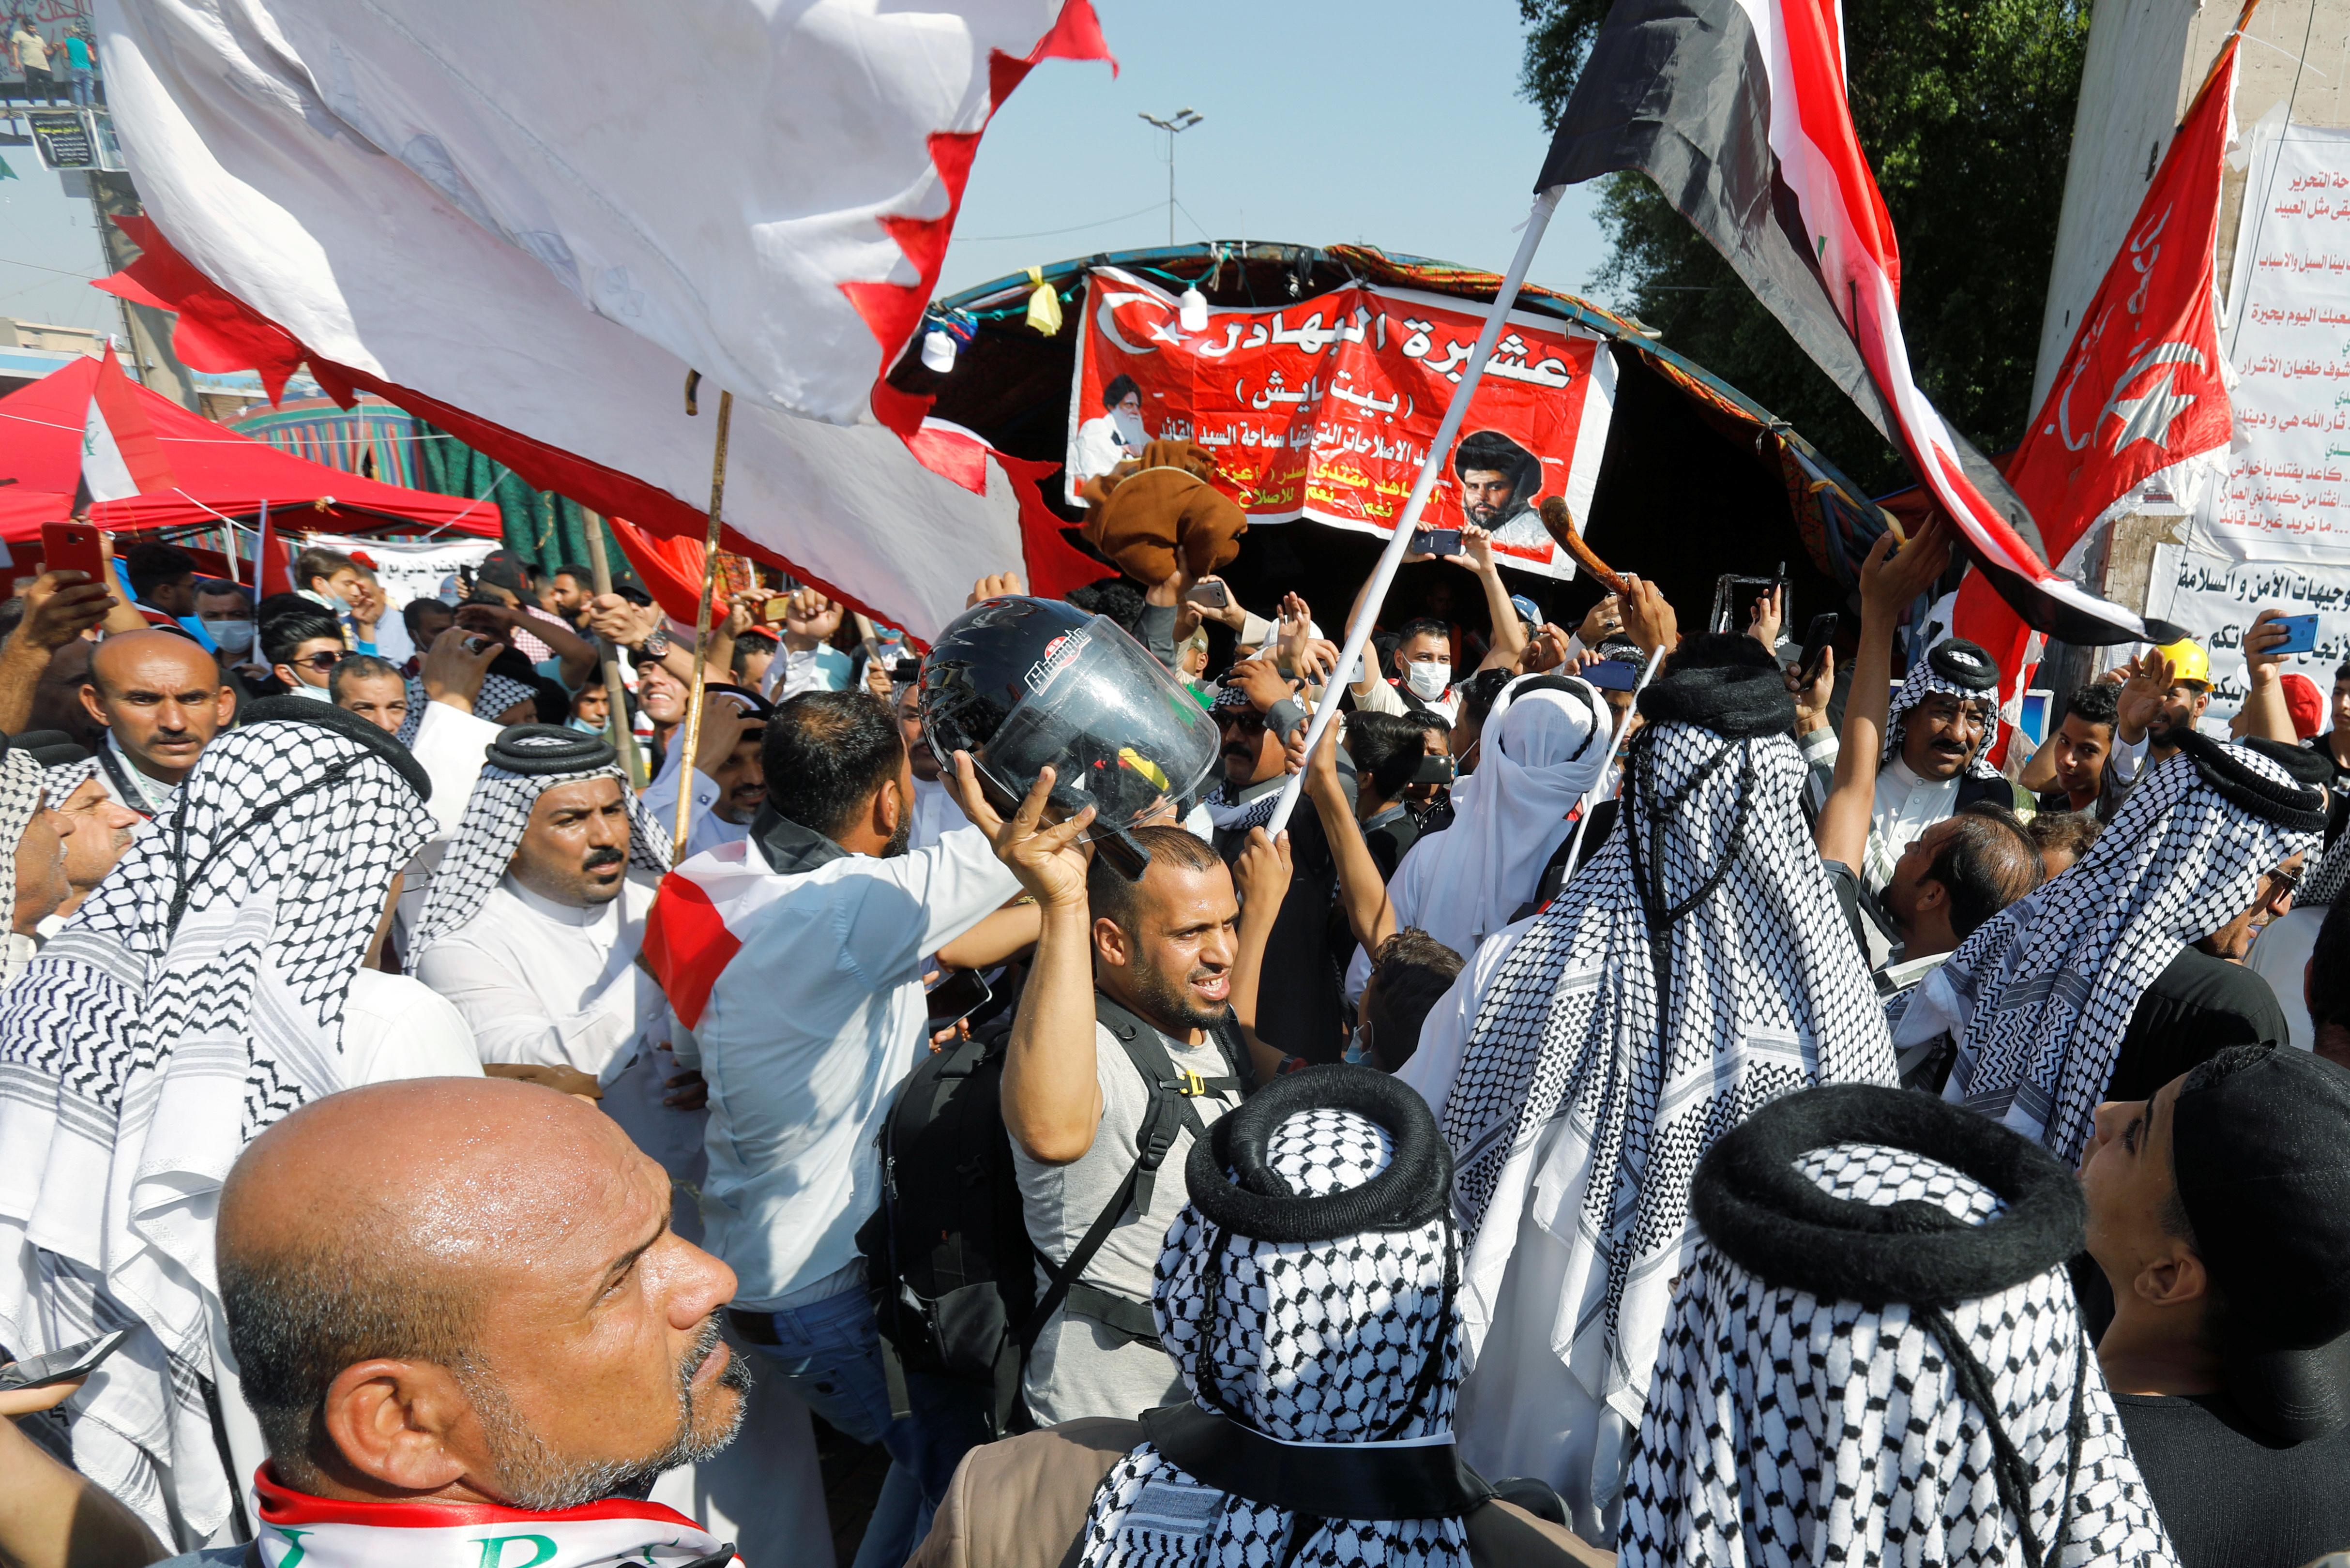 Des milliers d'Irakiens se sont rassemblés dans les rues de Bagdad vendredi pour réclamer à nouveau la chute du gouvernement du Premier ministre Adel Abdoul Mahdi lors de ce qui s'annonçait comme la plus importante journée de manifestations contre les autorités depuis la chute de Saddam Hussein en 2003. /Photo prise le 1er novembre 2019/REUTERS/Khalid al-Mousily